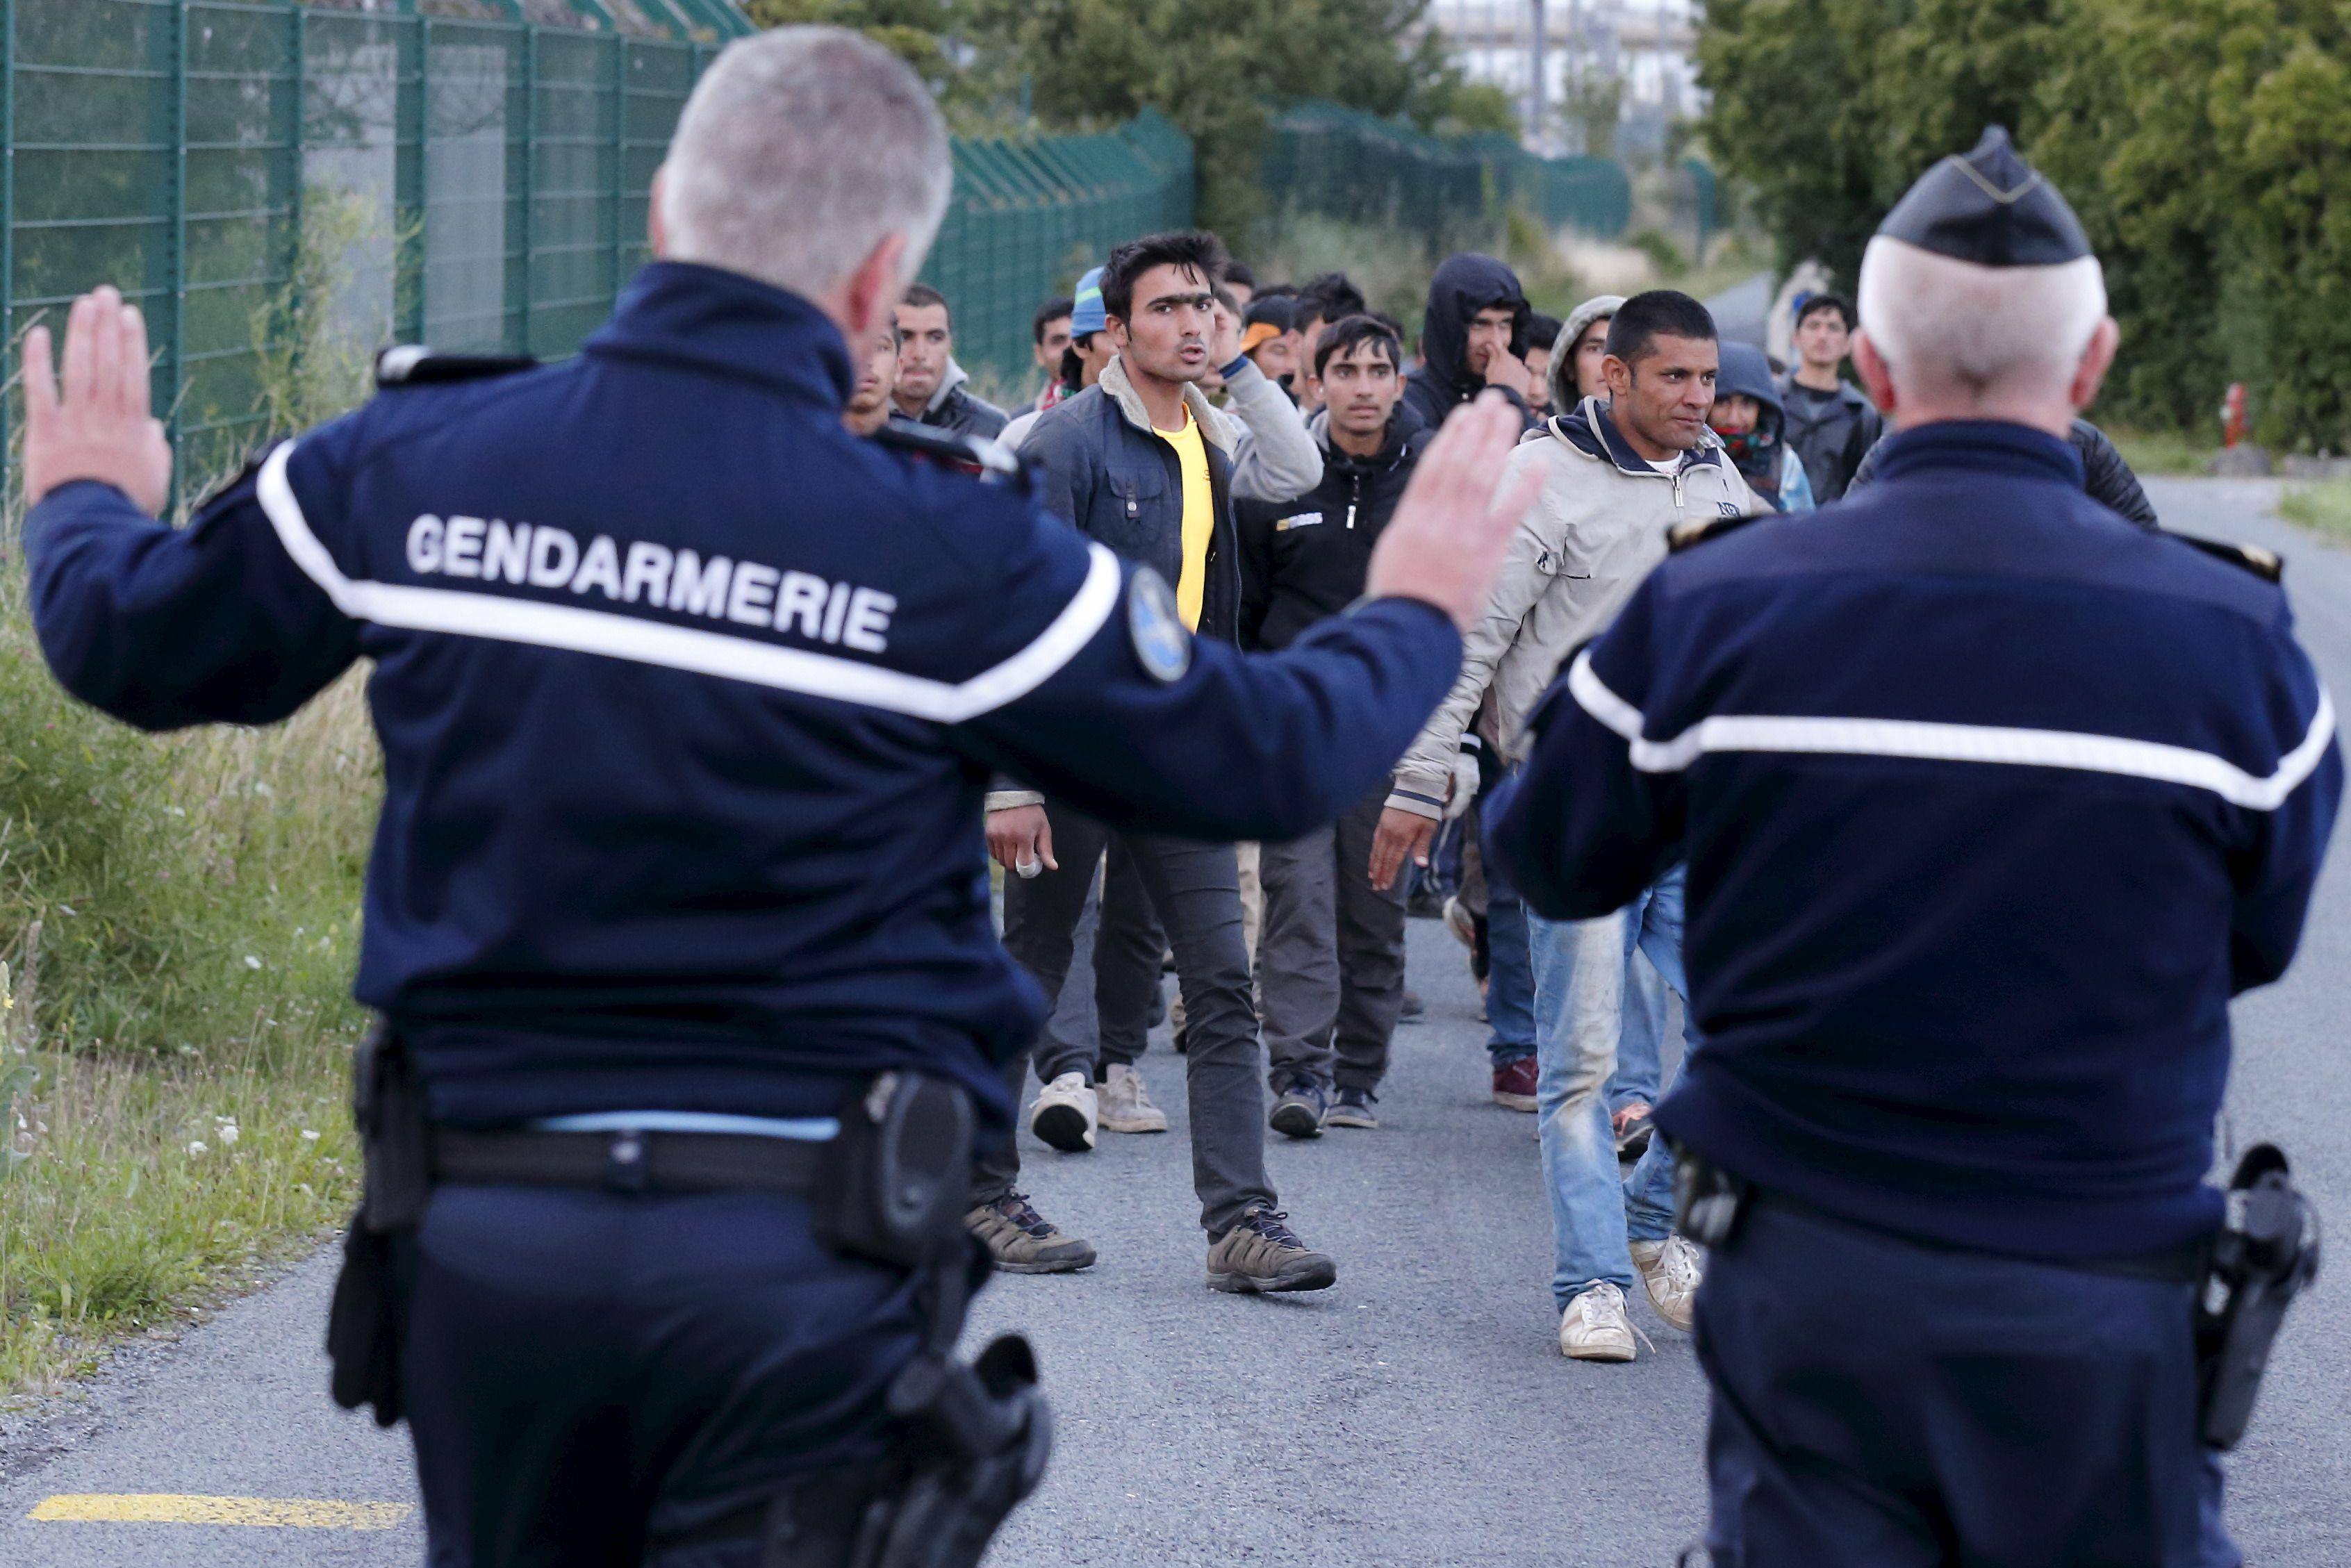 Les conditions de travail déplorables de la Police de l'air et des frontières de Calais sont déplorables.